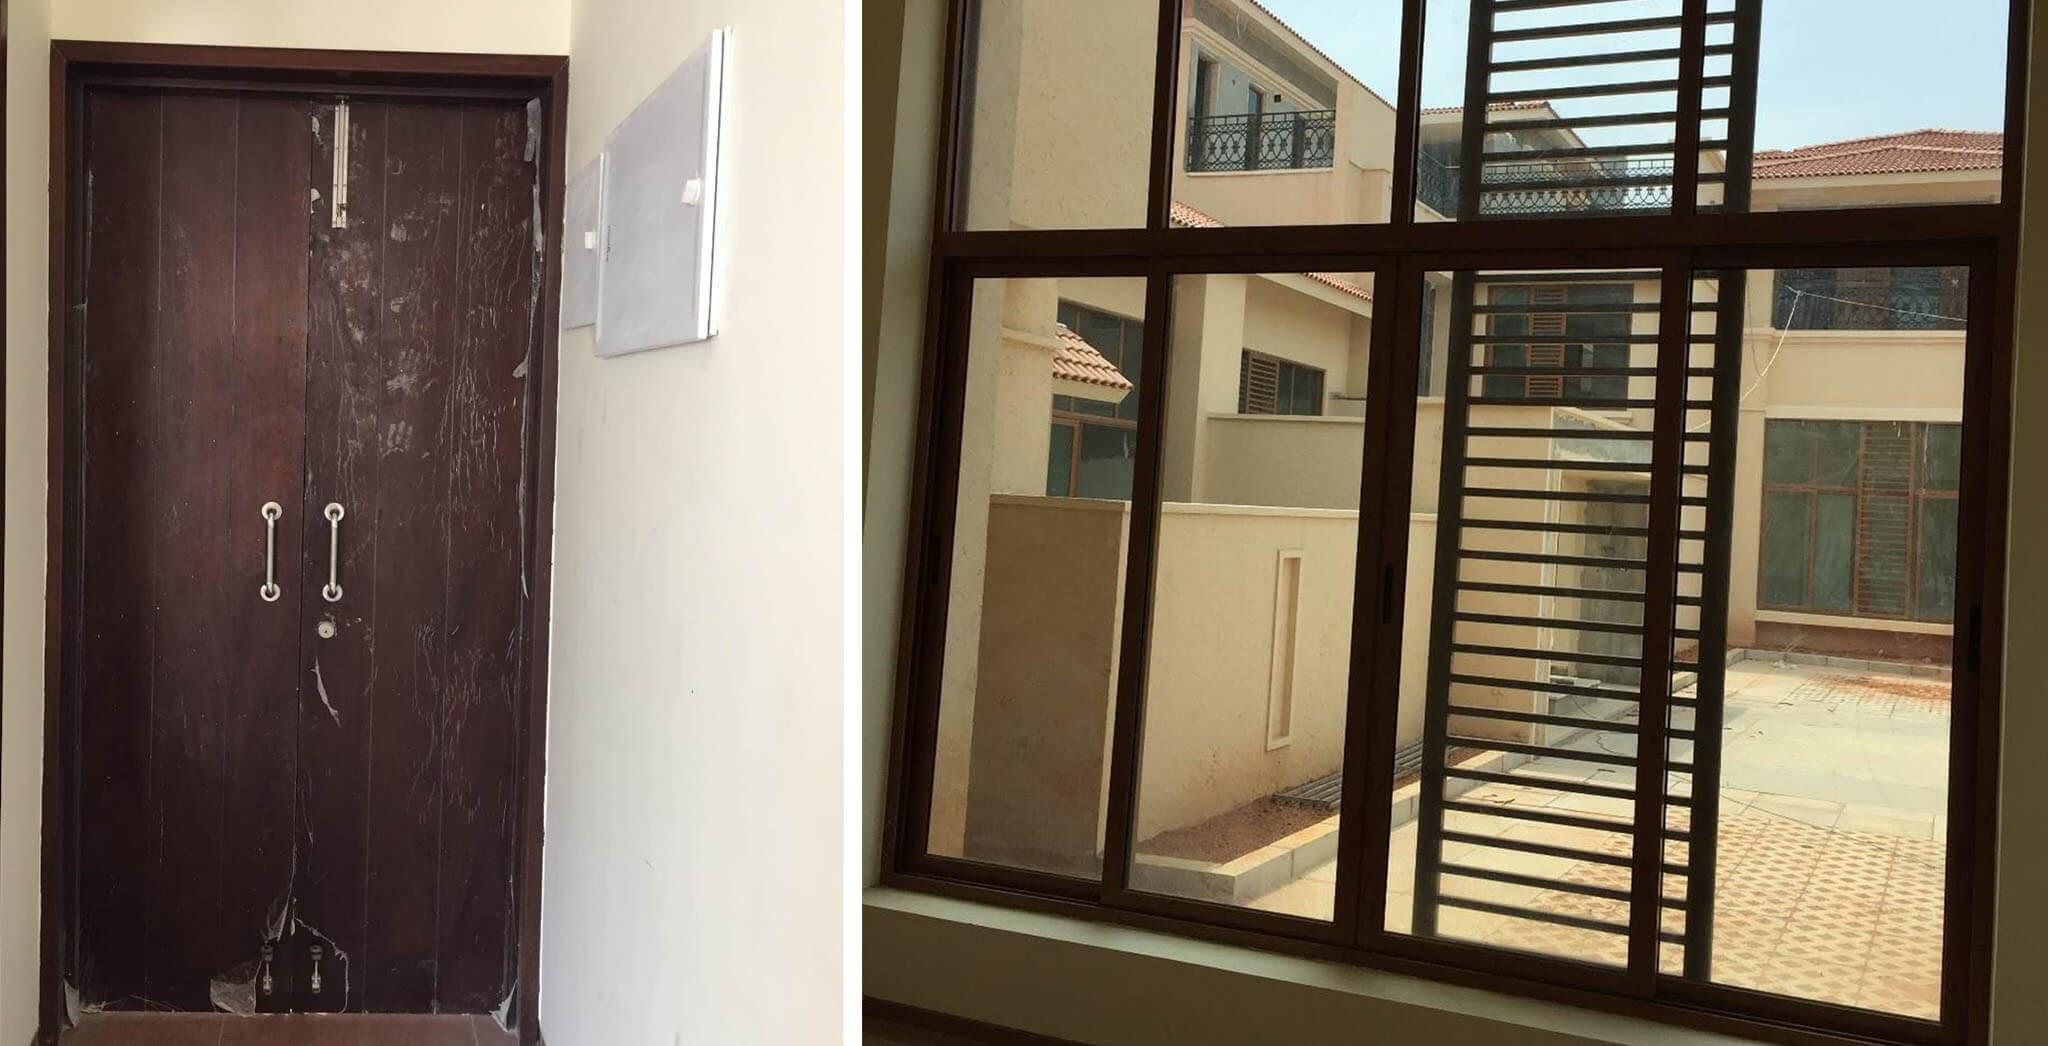 Apr 2019 - Villas: Door and Window fixing work-in-progress